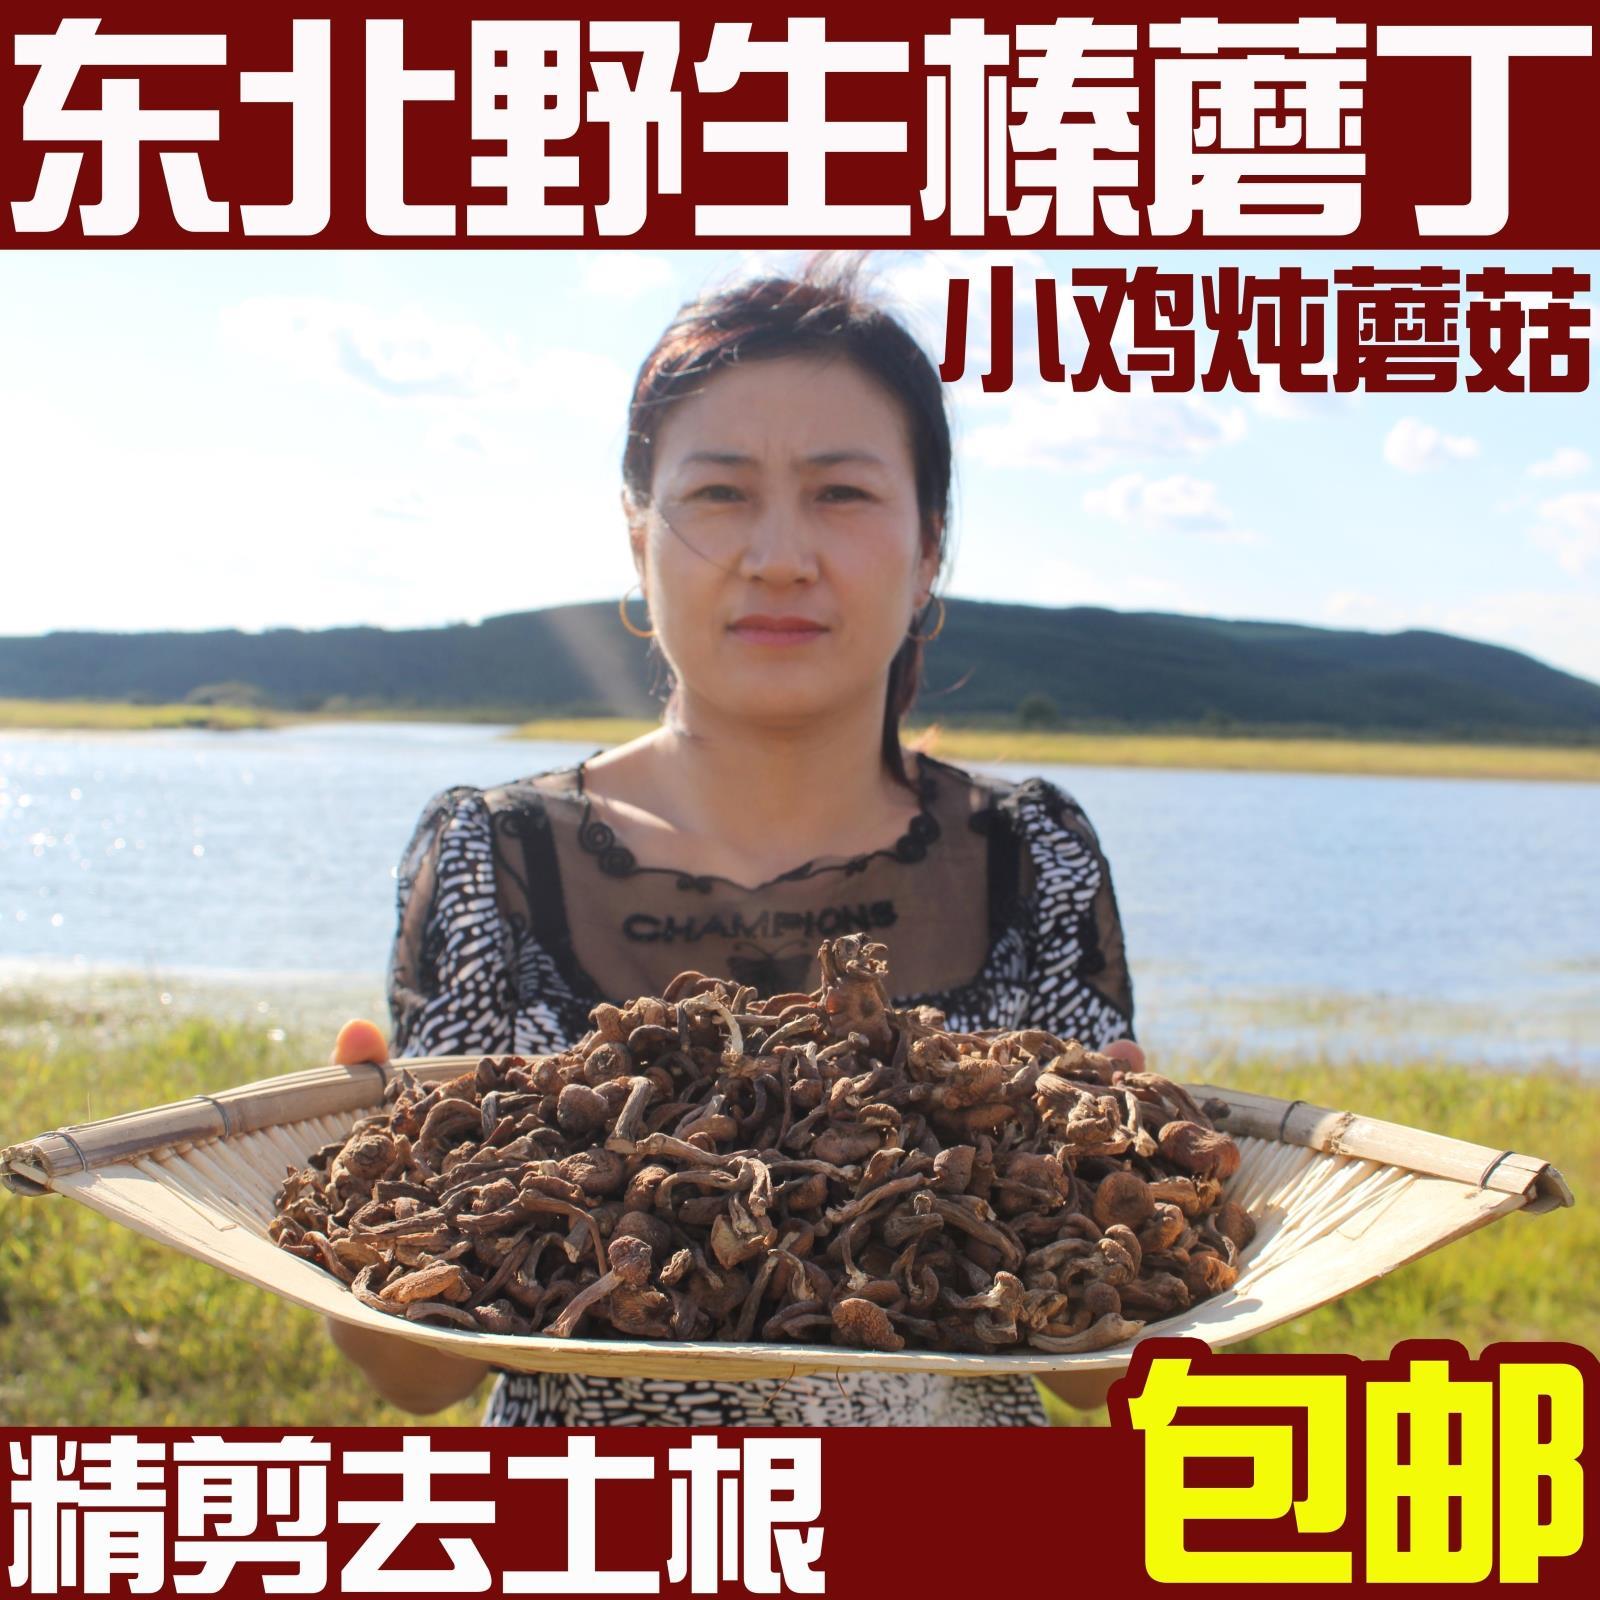 东北特产野生榛蘑丁榛蘑嫩芽小鸡炖蘑菇香菇干货山货无根500g包邮